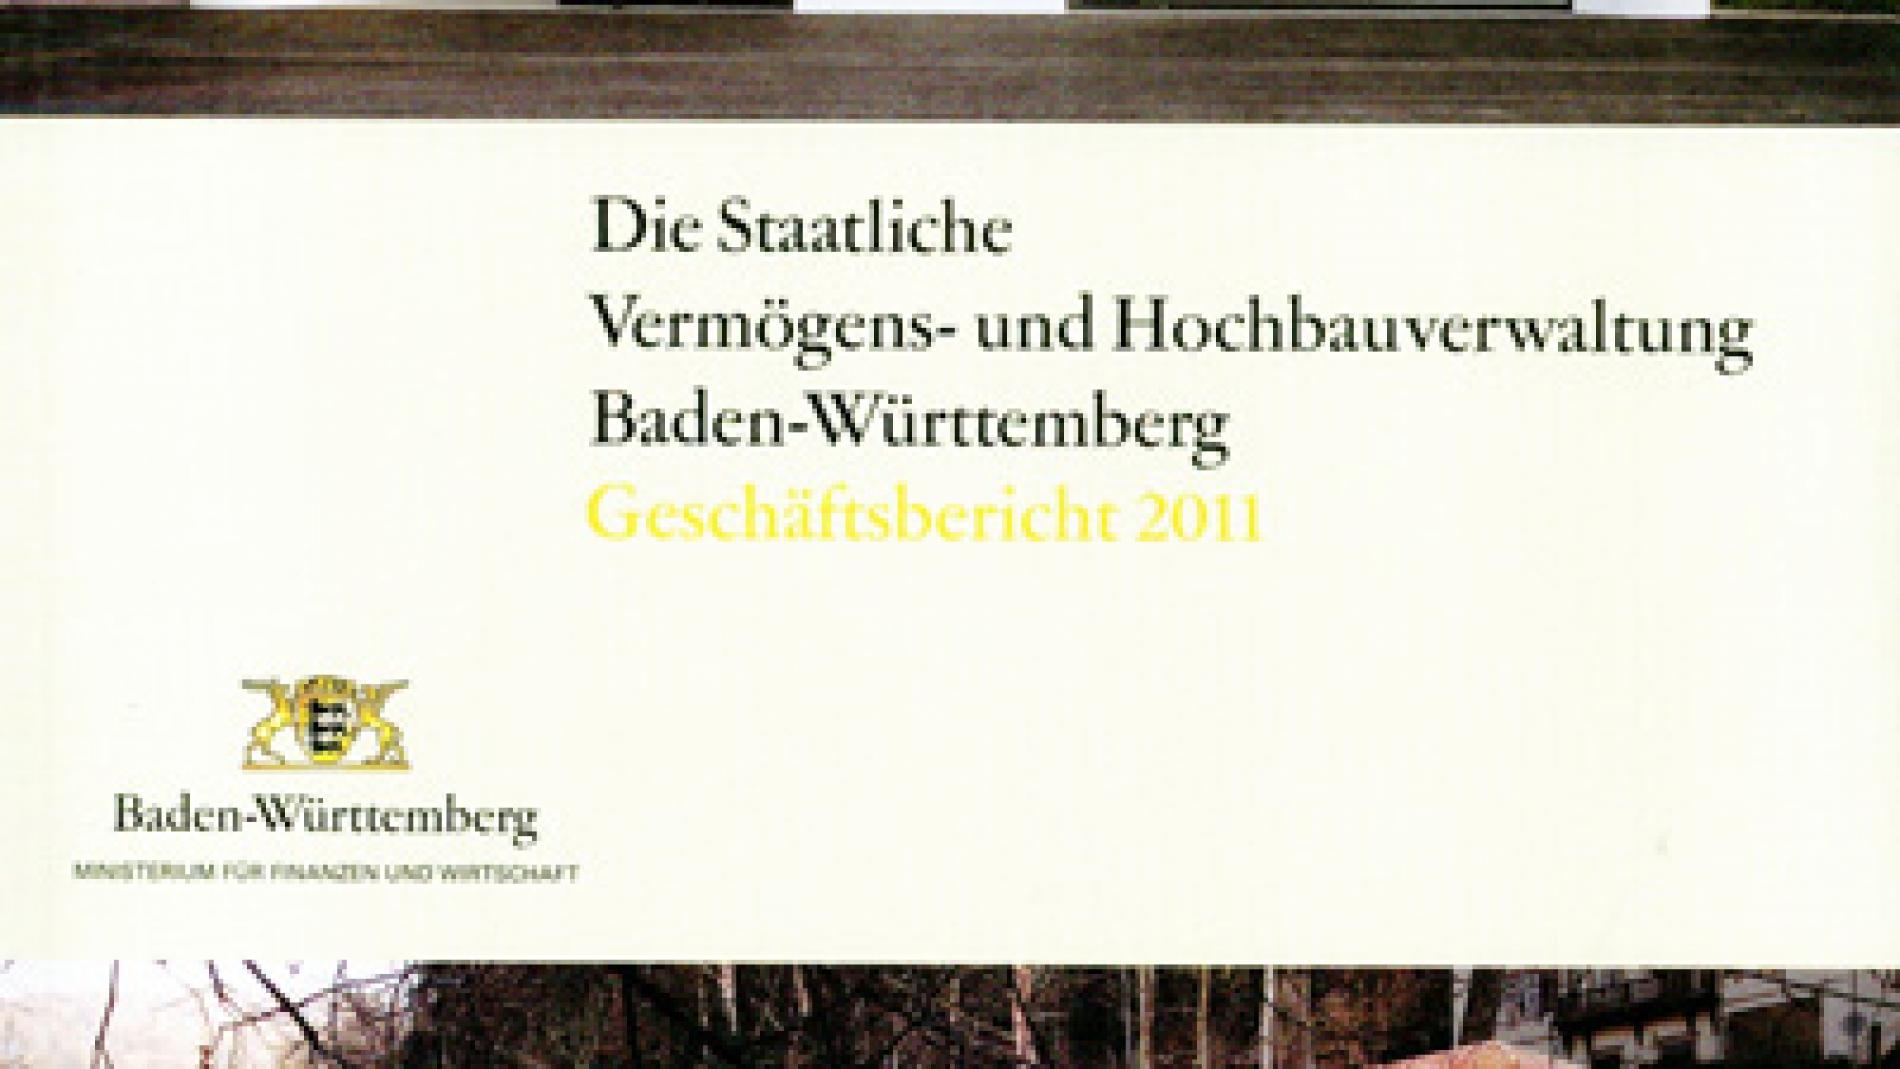 GeschäftsberichtBadenWürttemberg_2011